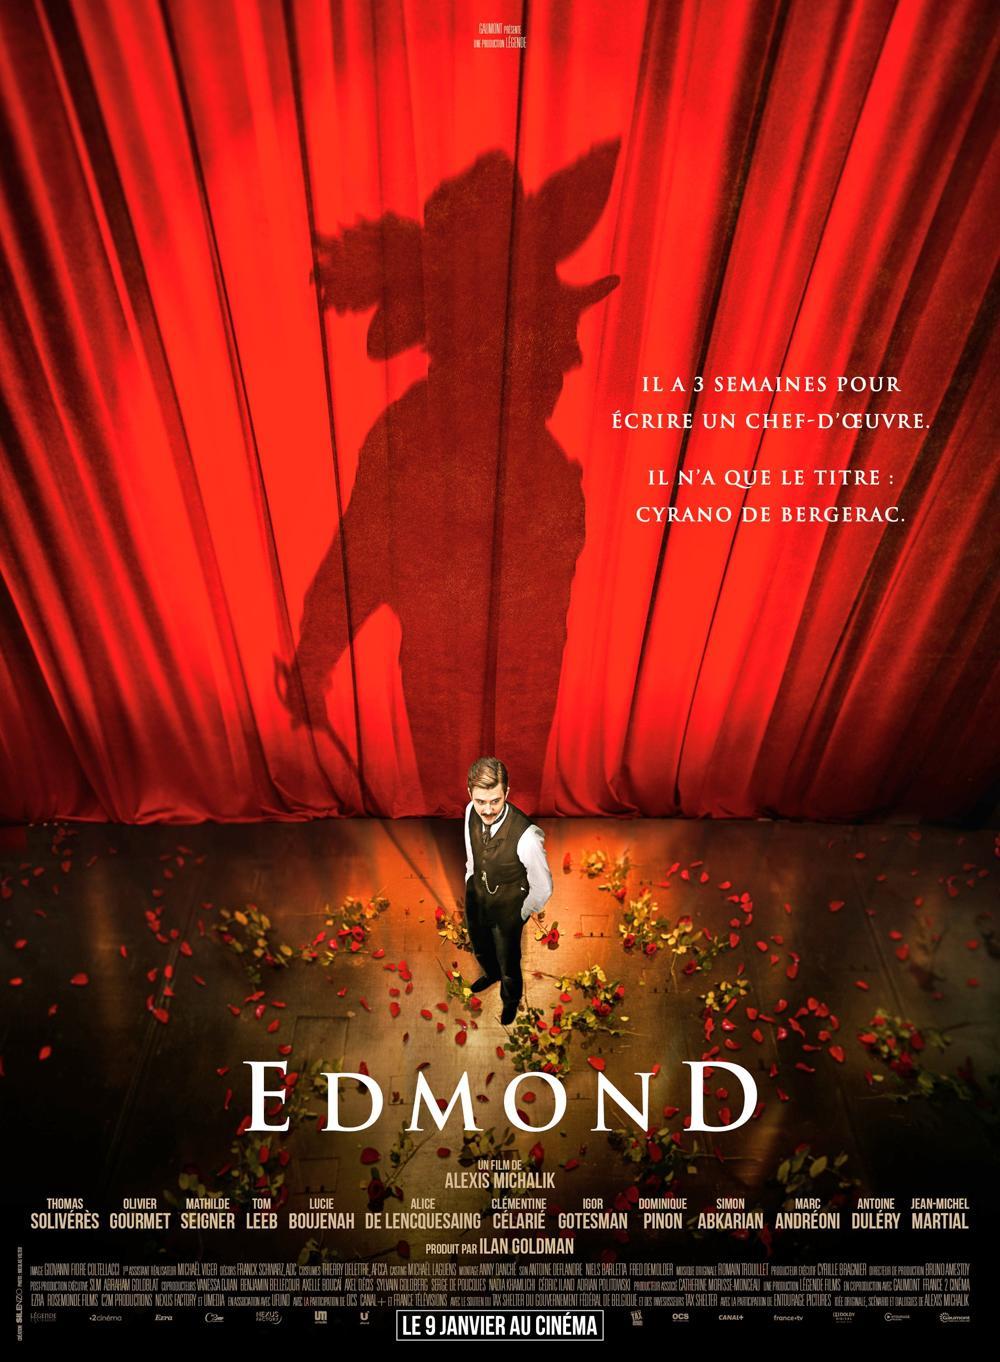 Vos découvertes cinématographiques - Page 3 Edmond10